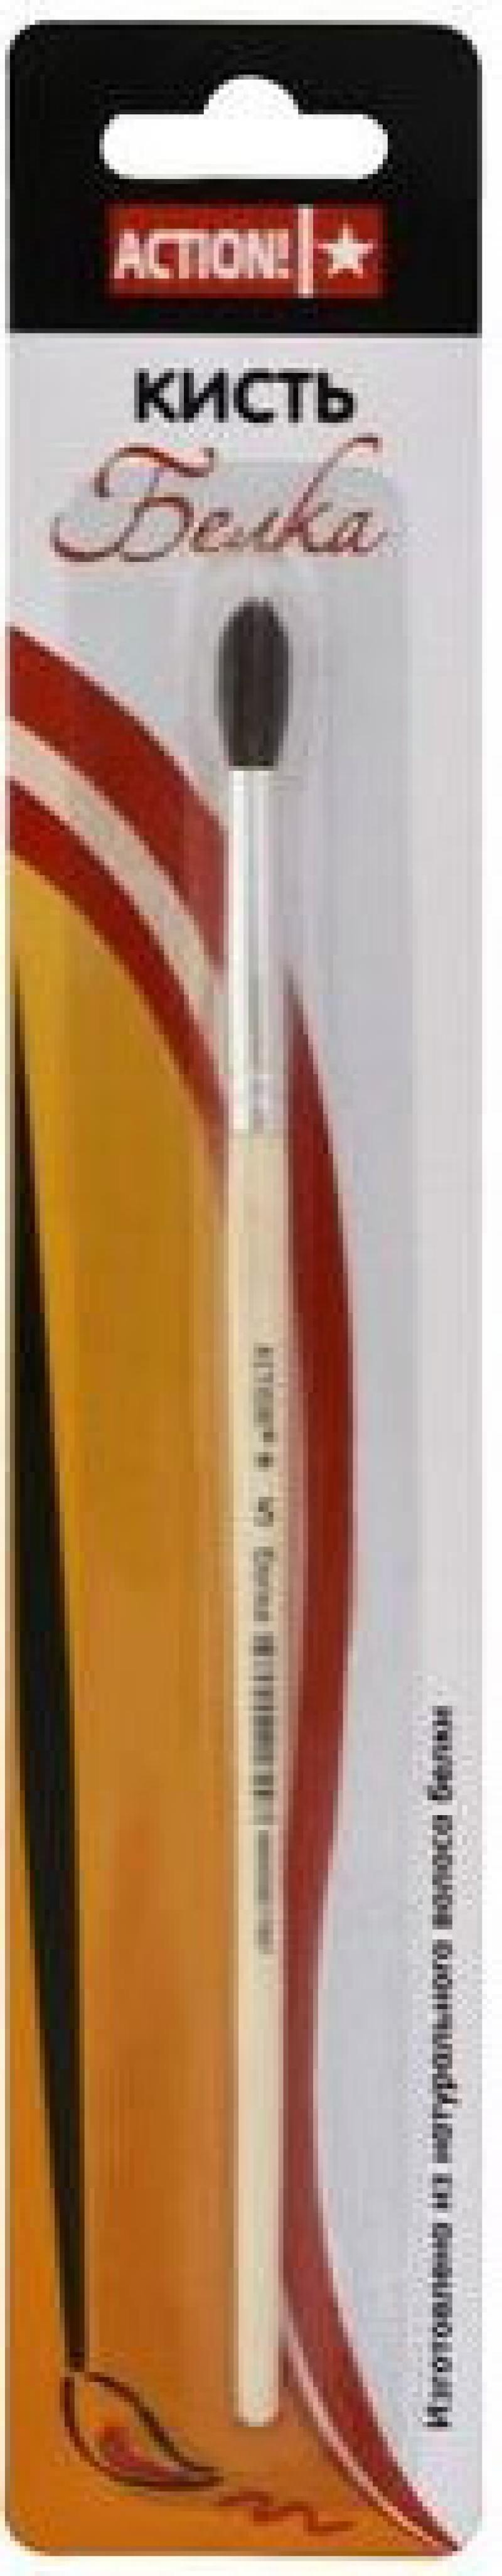 Купить Кисть БЕЛКА, живописная, круглая, из натурального волоса белки, №5, блистер AB005SO, Action!, Лепка и товары для творчества